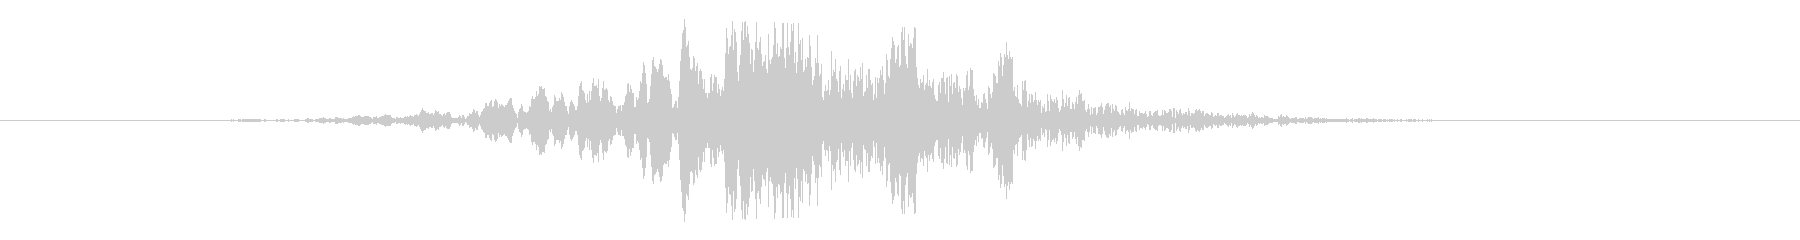 スーヒューン:左から右に高速で通過する音の未再生の波形